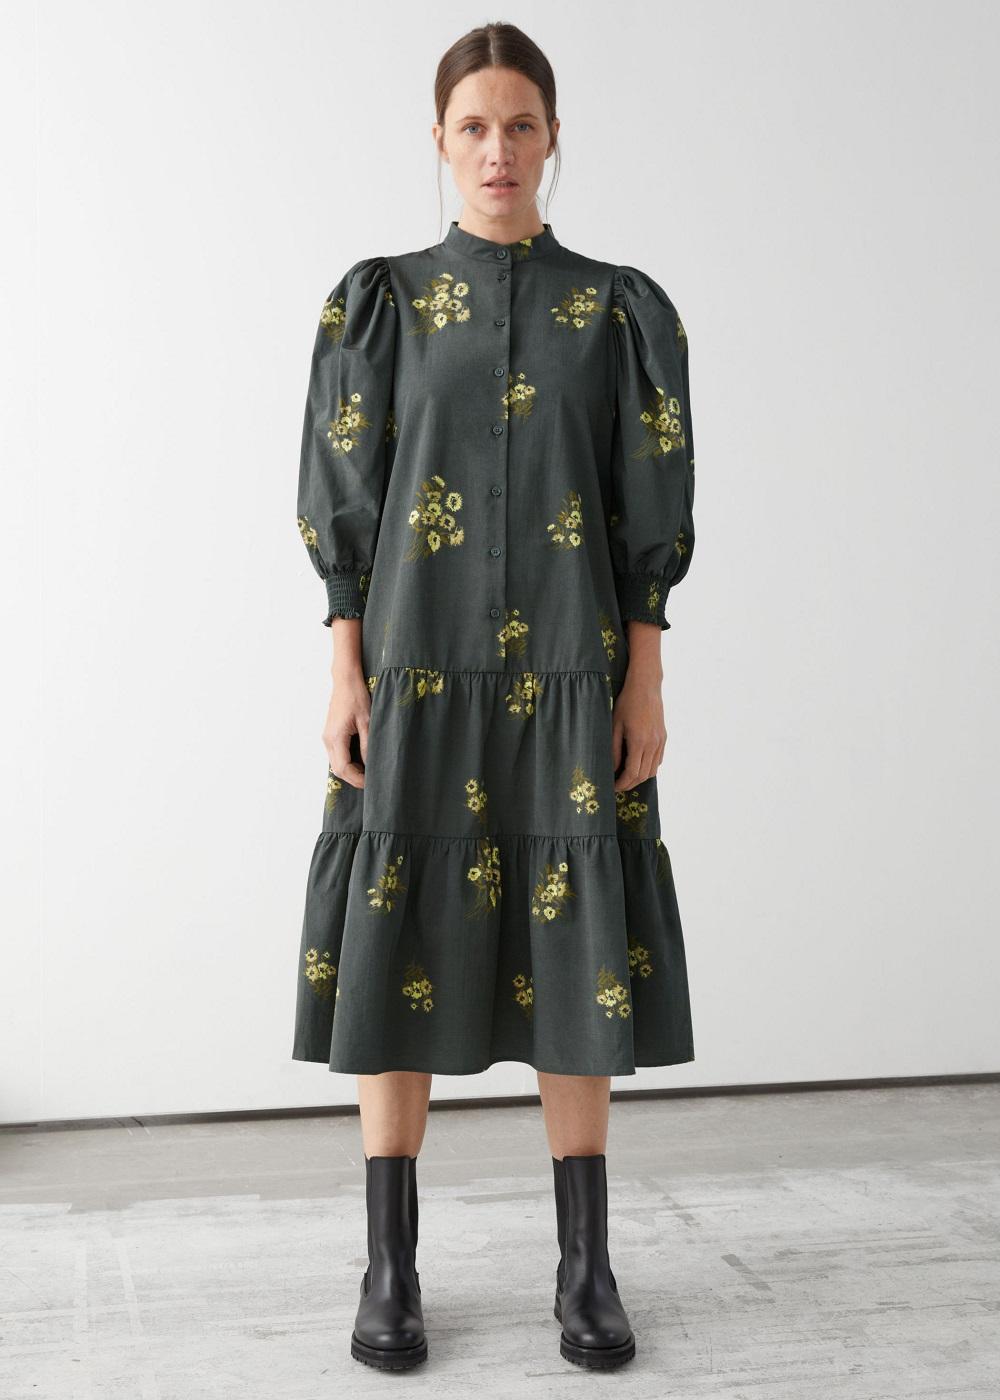 & Other Stories haljine blagdanske kombinacije 2020.